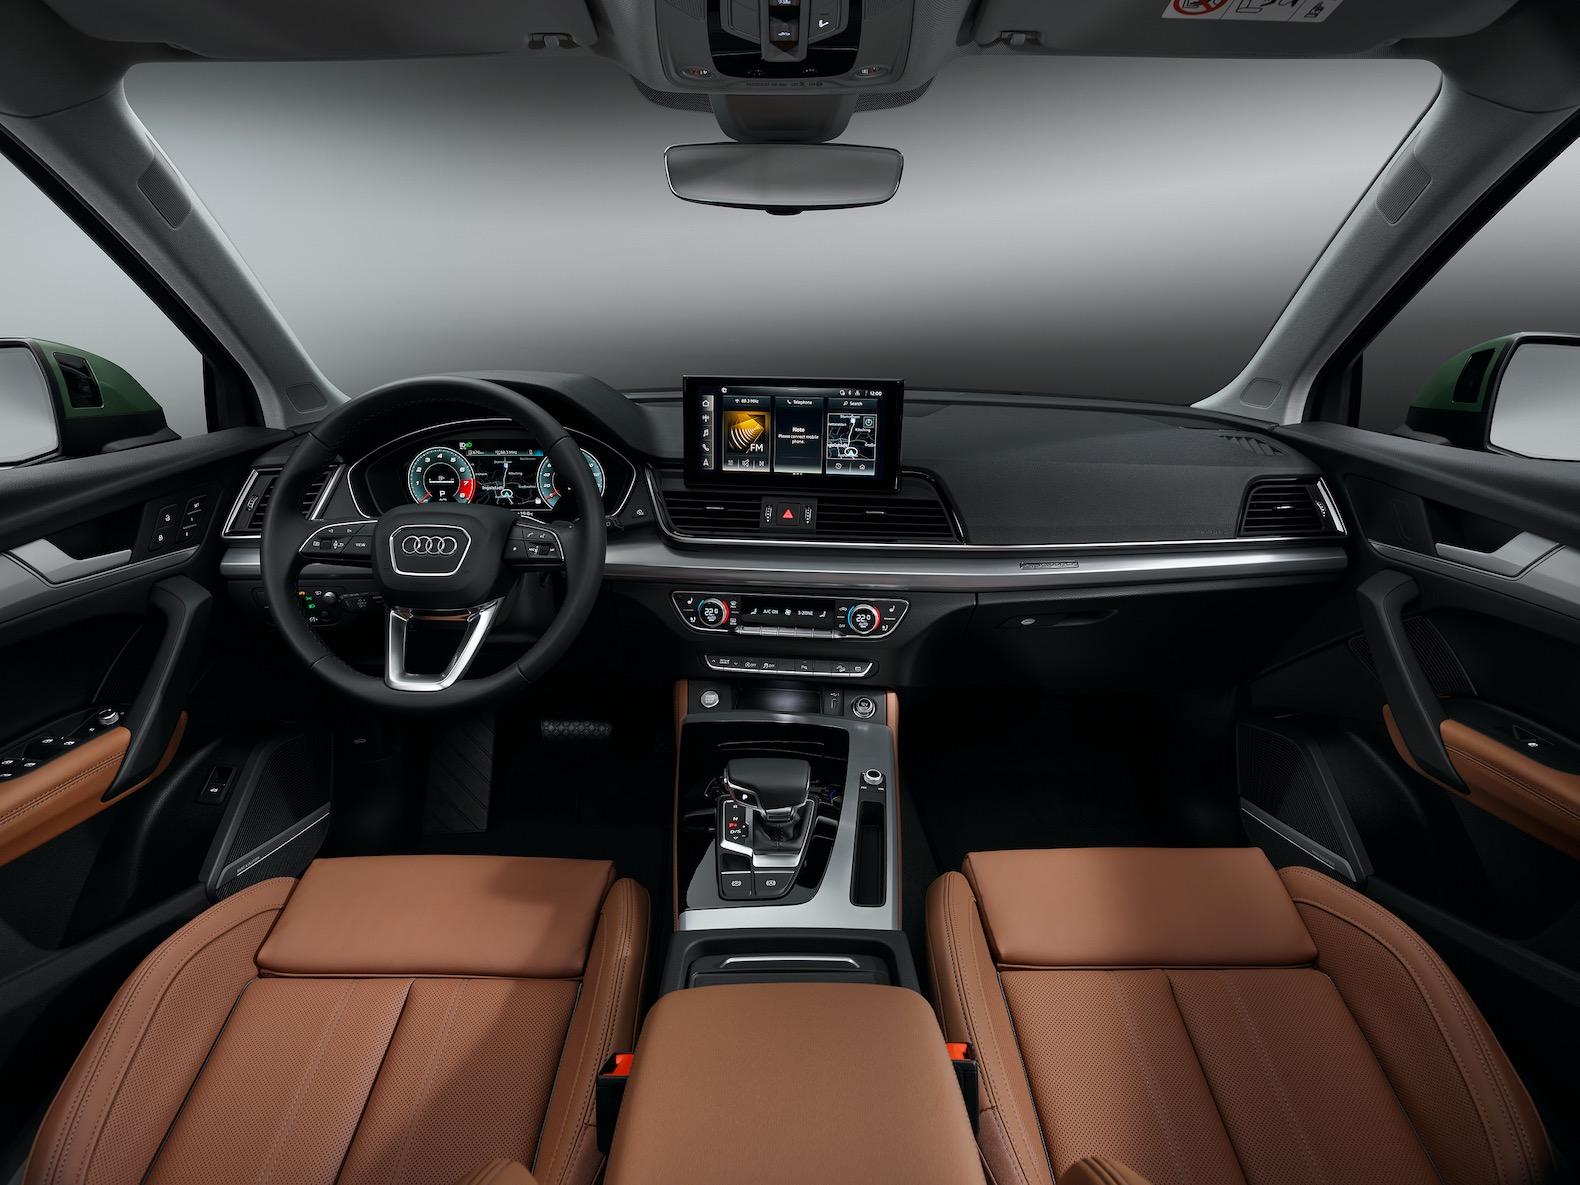 Audi Q5 Interior Wiring - 2008 Envoy Fuse Box Diagram -  air-bag.yenpancane.jeanjaures37.fr | Audi Q5 Interior Wiring |  | Wiring Diagram Resource